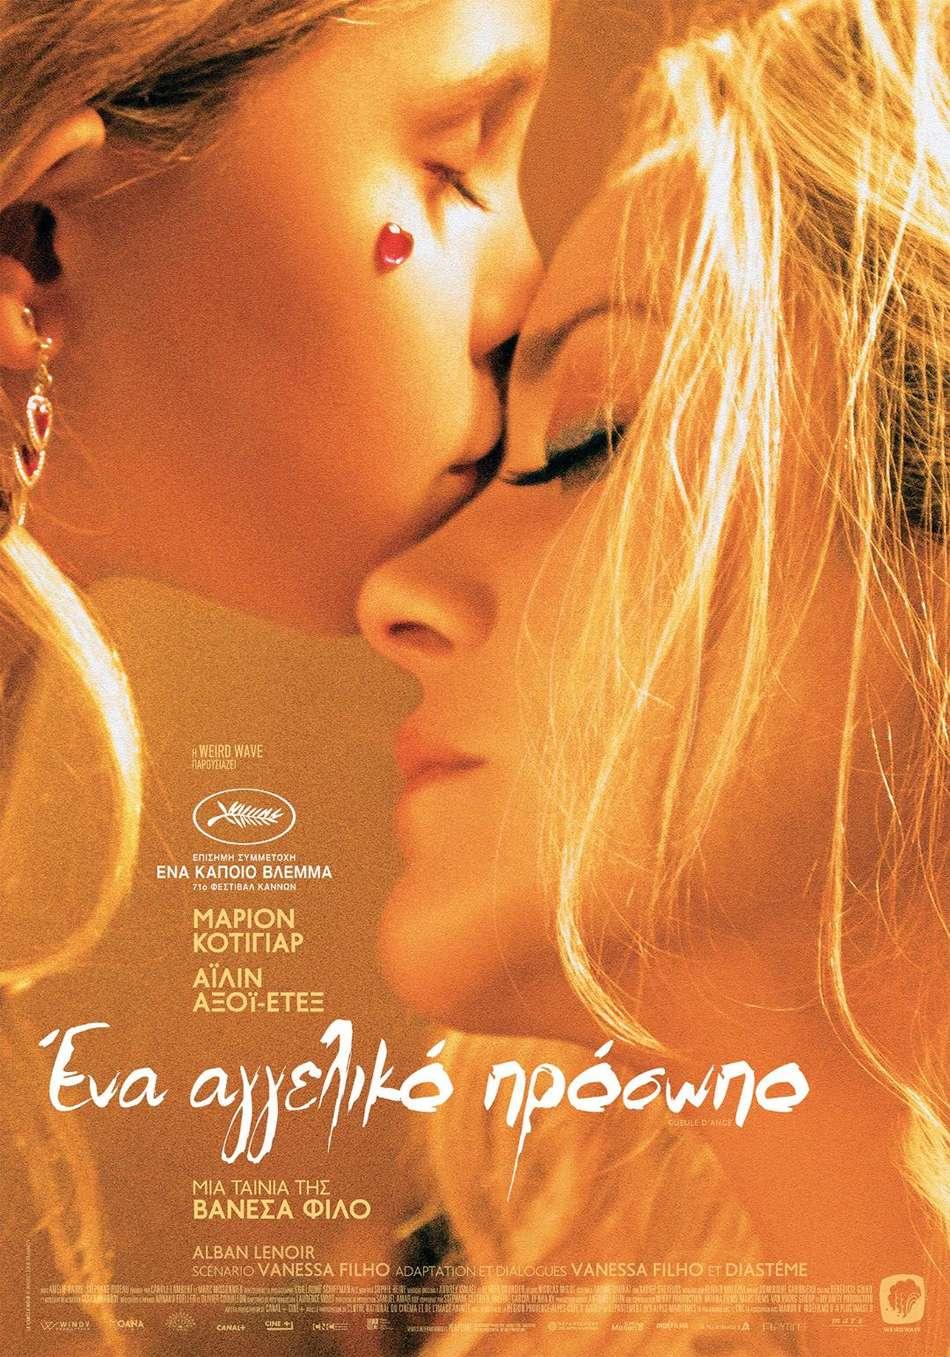 Ένα Αγγελικό Πρόσωπο (Gueule d' Ange / Angel Face) Poster Πόστερ